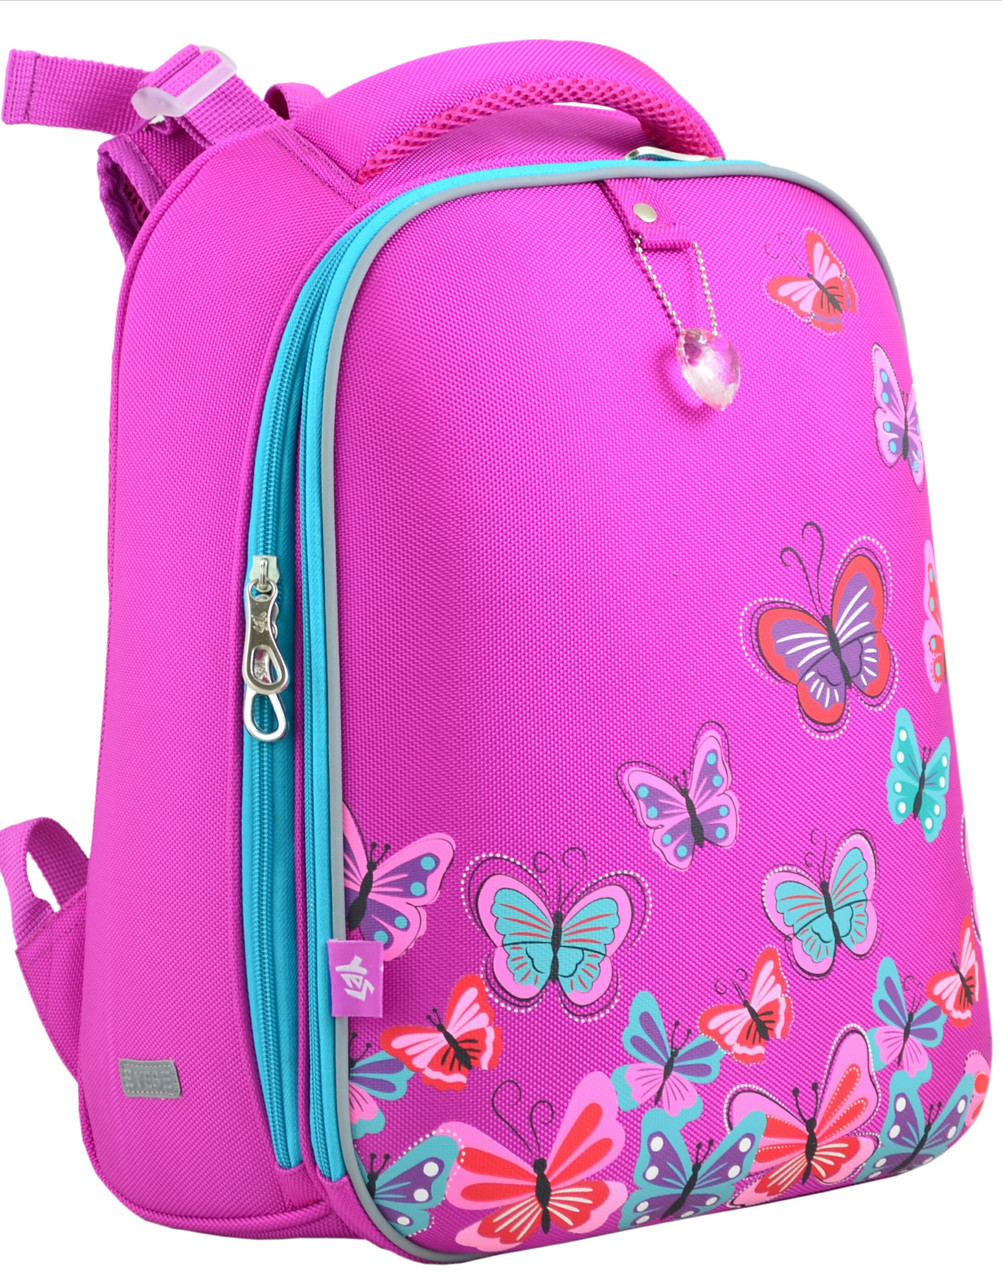 5bb4435ea1ce Рюкзак школьный Yes H-12-1 Butterfly rose 554492, каркасный, 16л ...